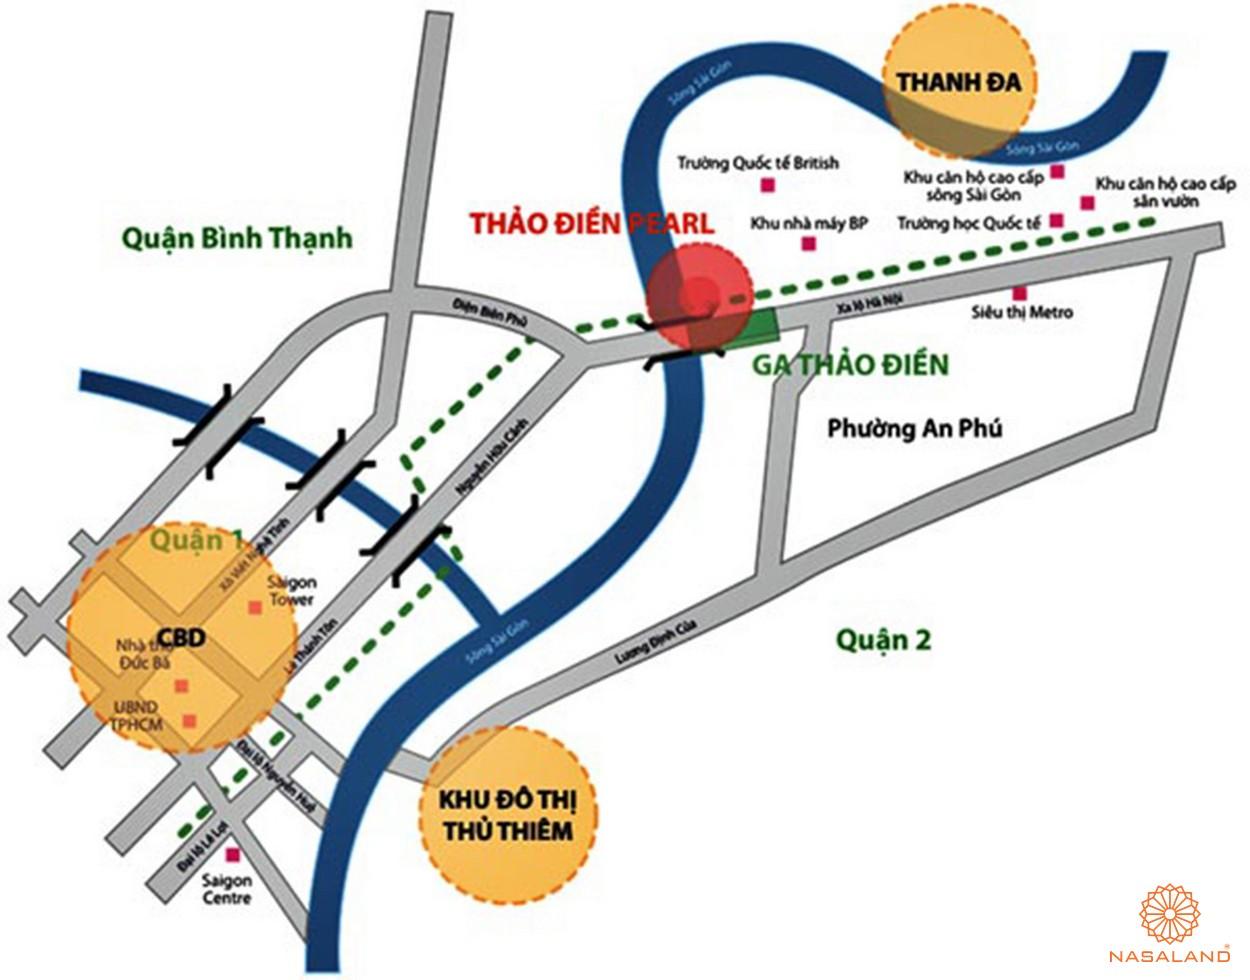 Vị trí dự án căn hộ chung cư Thảo Điền Pearl Quận 2